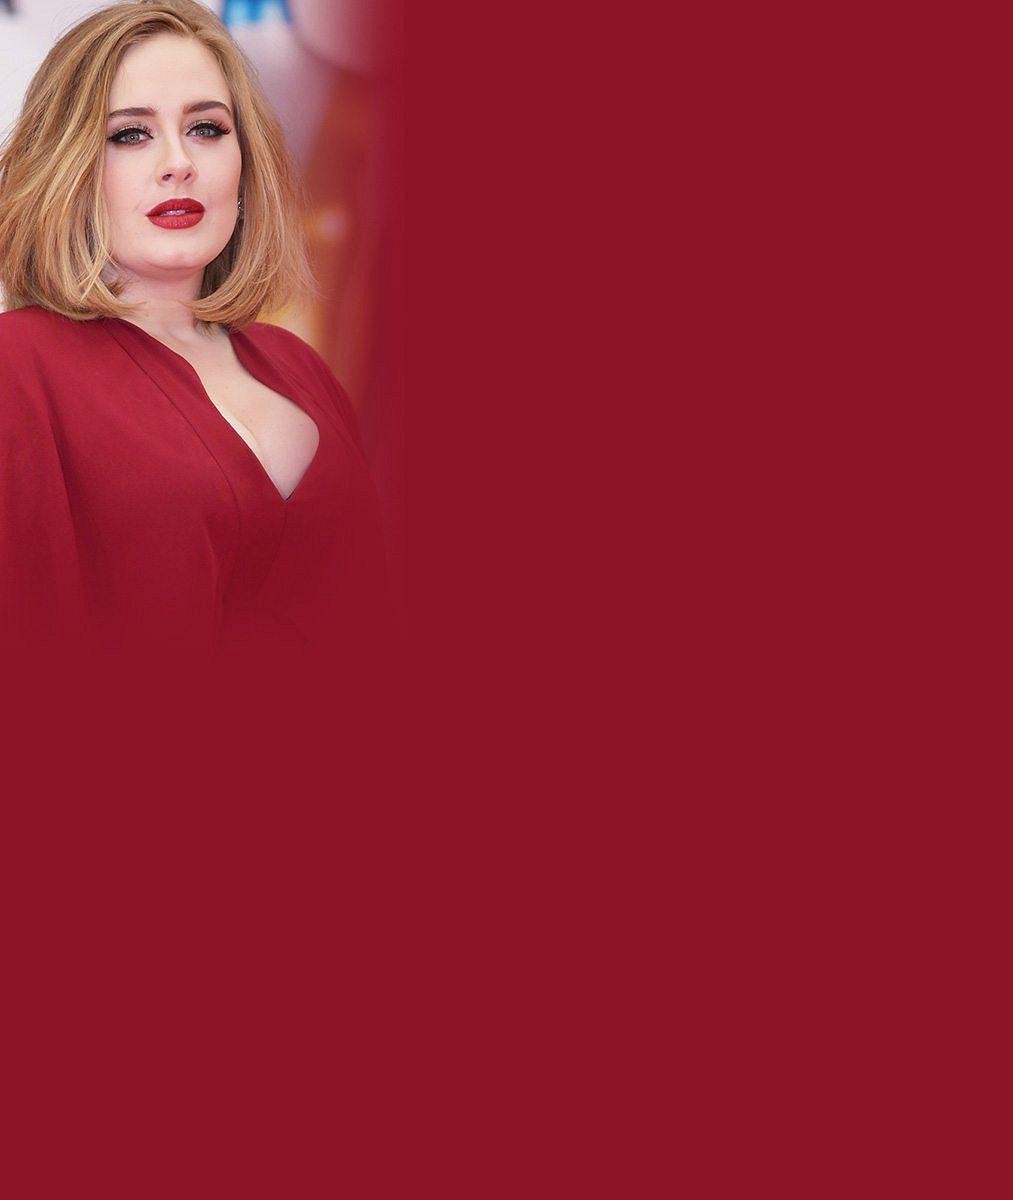 Božská Adele posbírala ceny a oslnila výstřihem, na jaký si ještě nikdy netroufla!